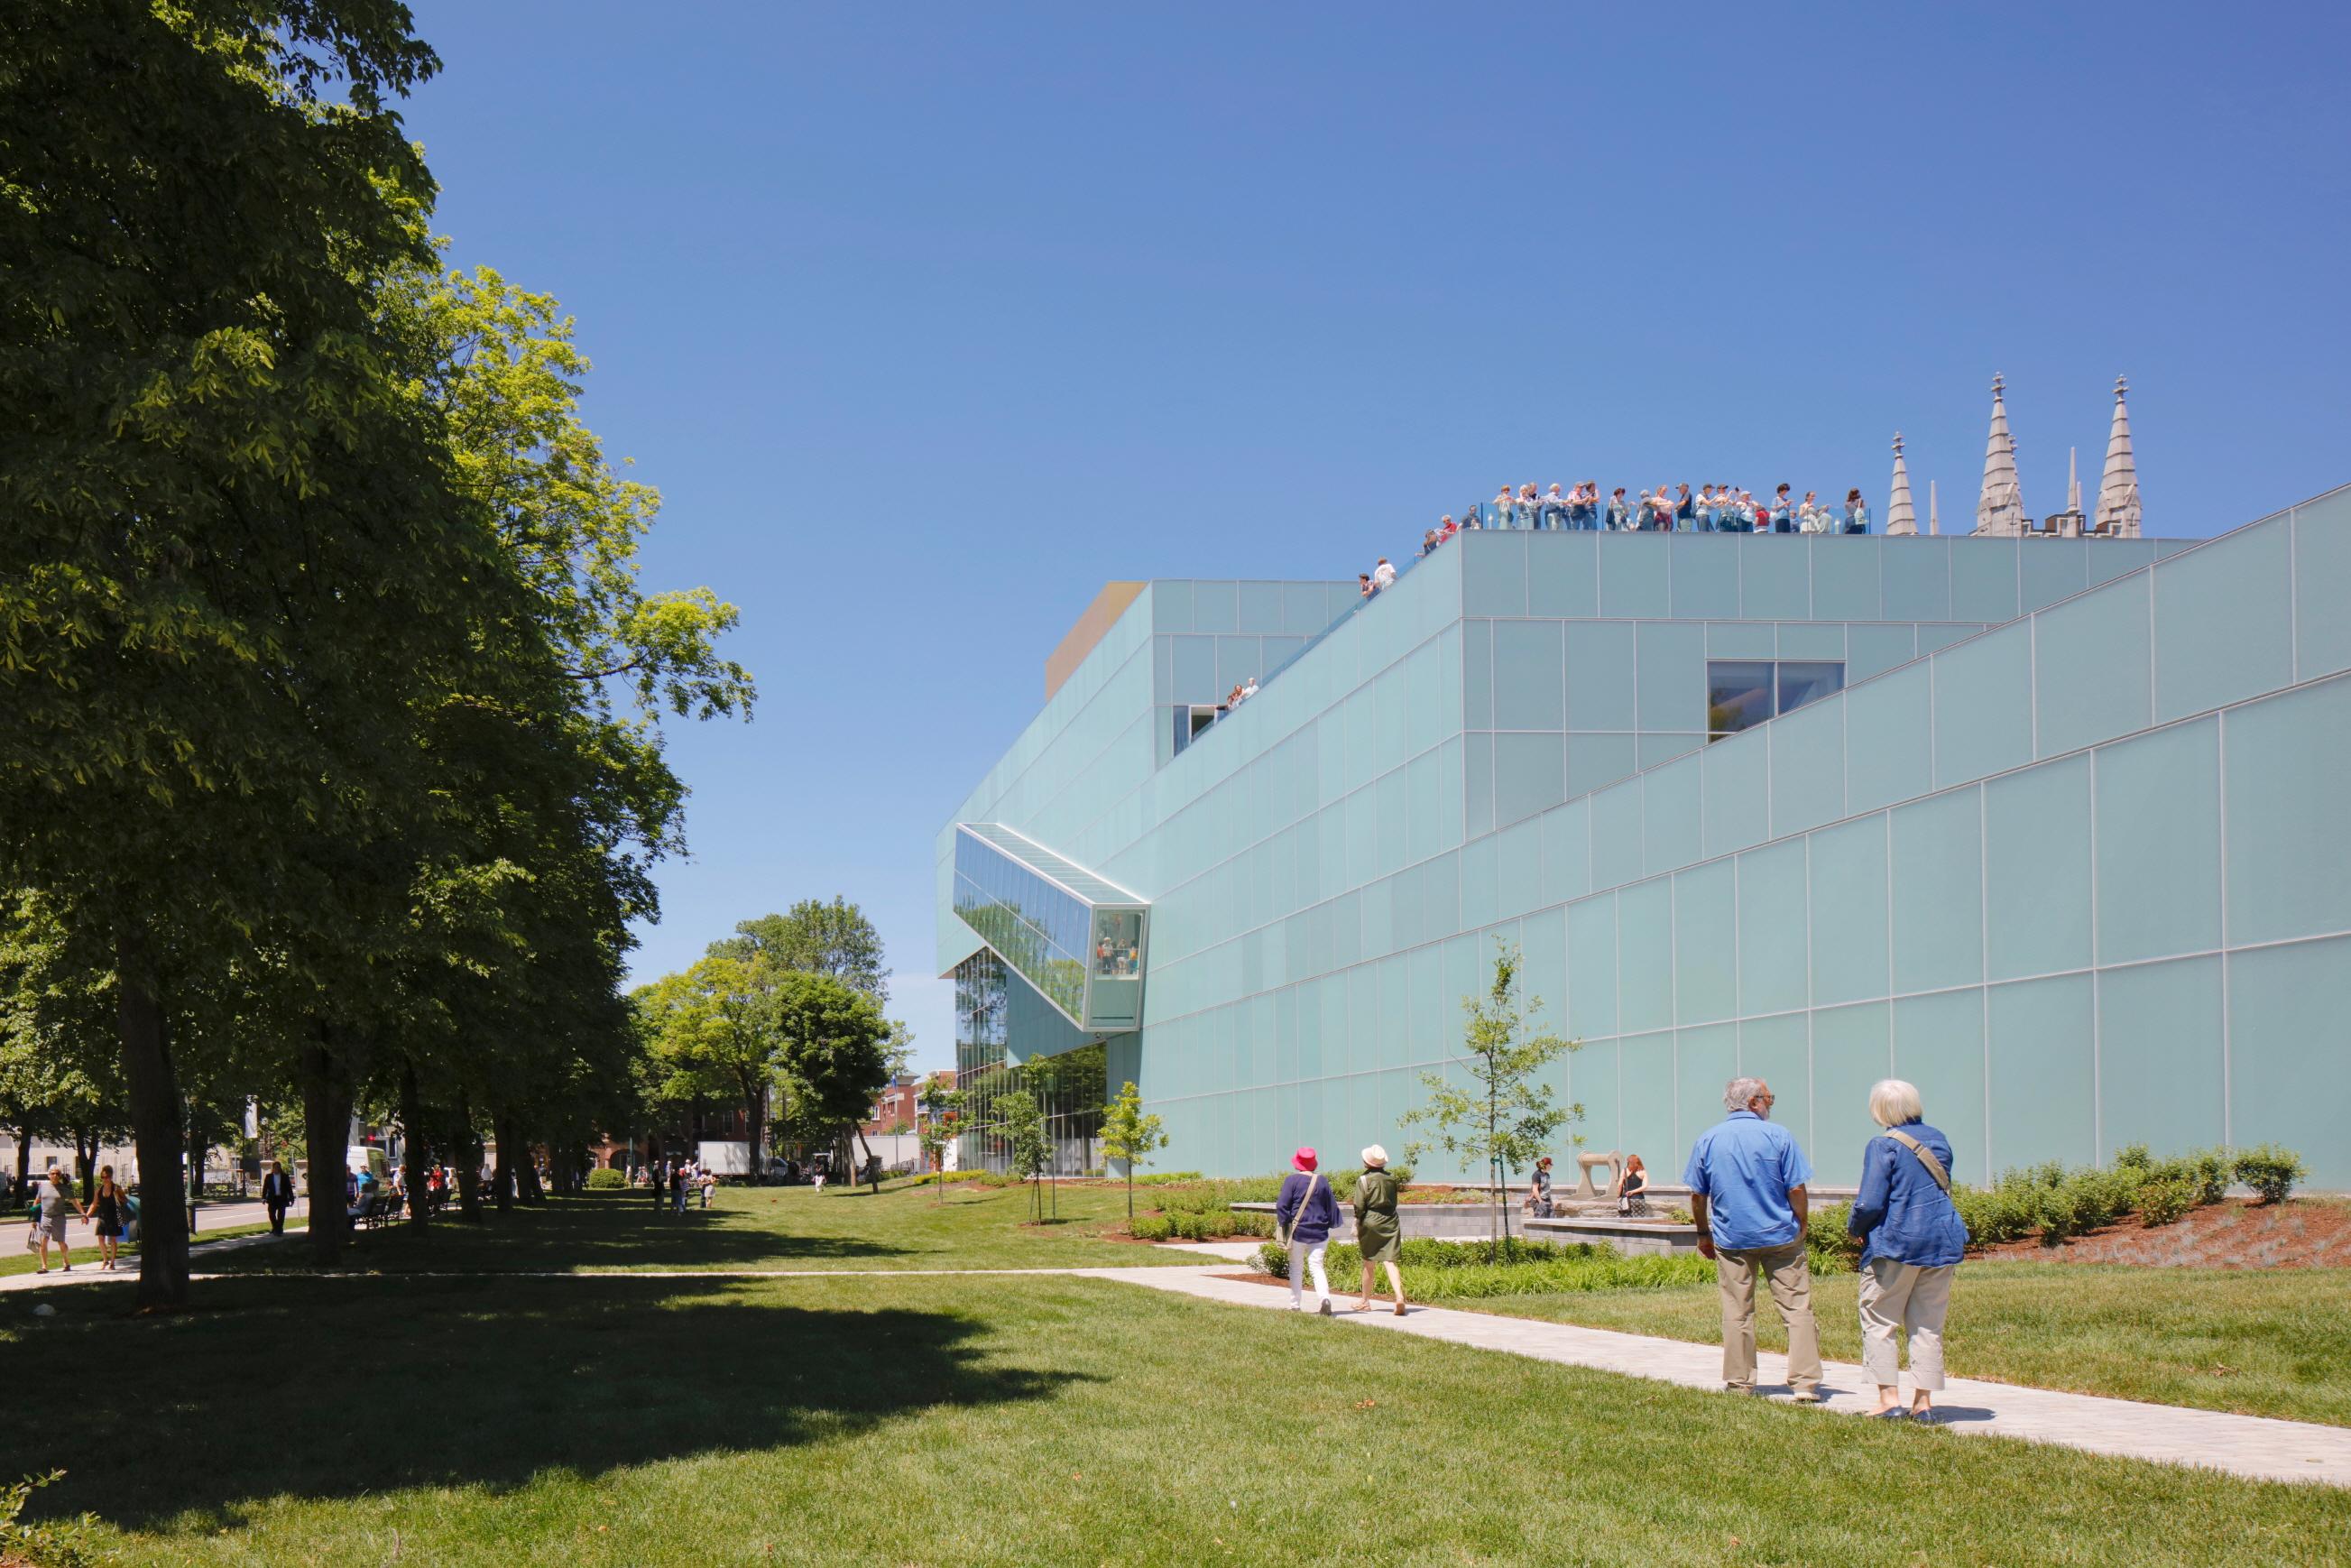 〔안정원의 디자인 칼럼〕 도시와 공원의 연속적인 관계성을 이어주는 합리적인 건축 OMA 3